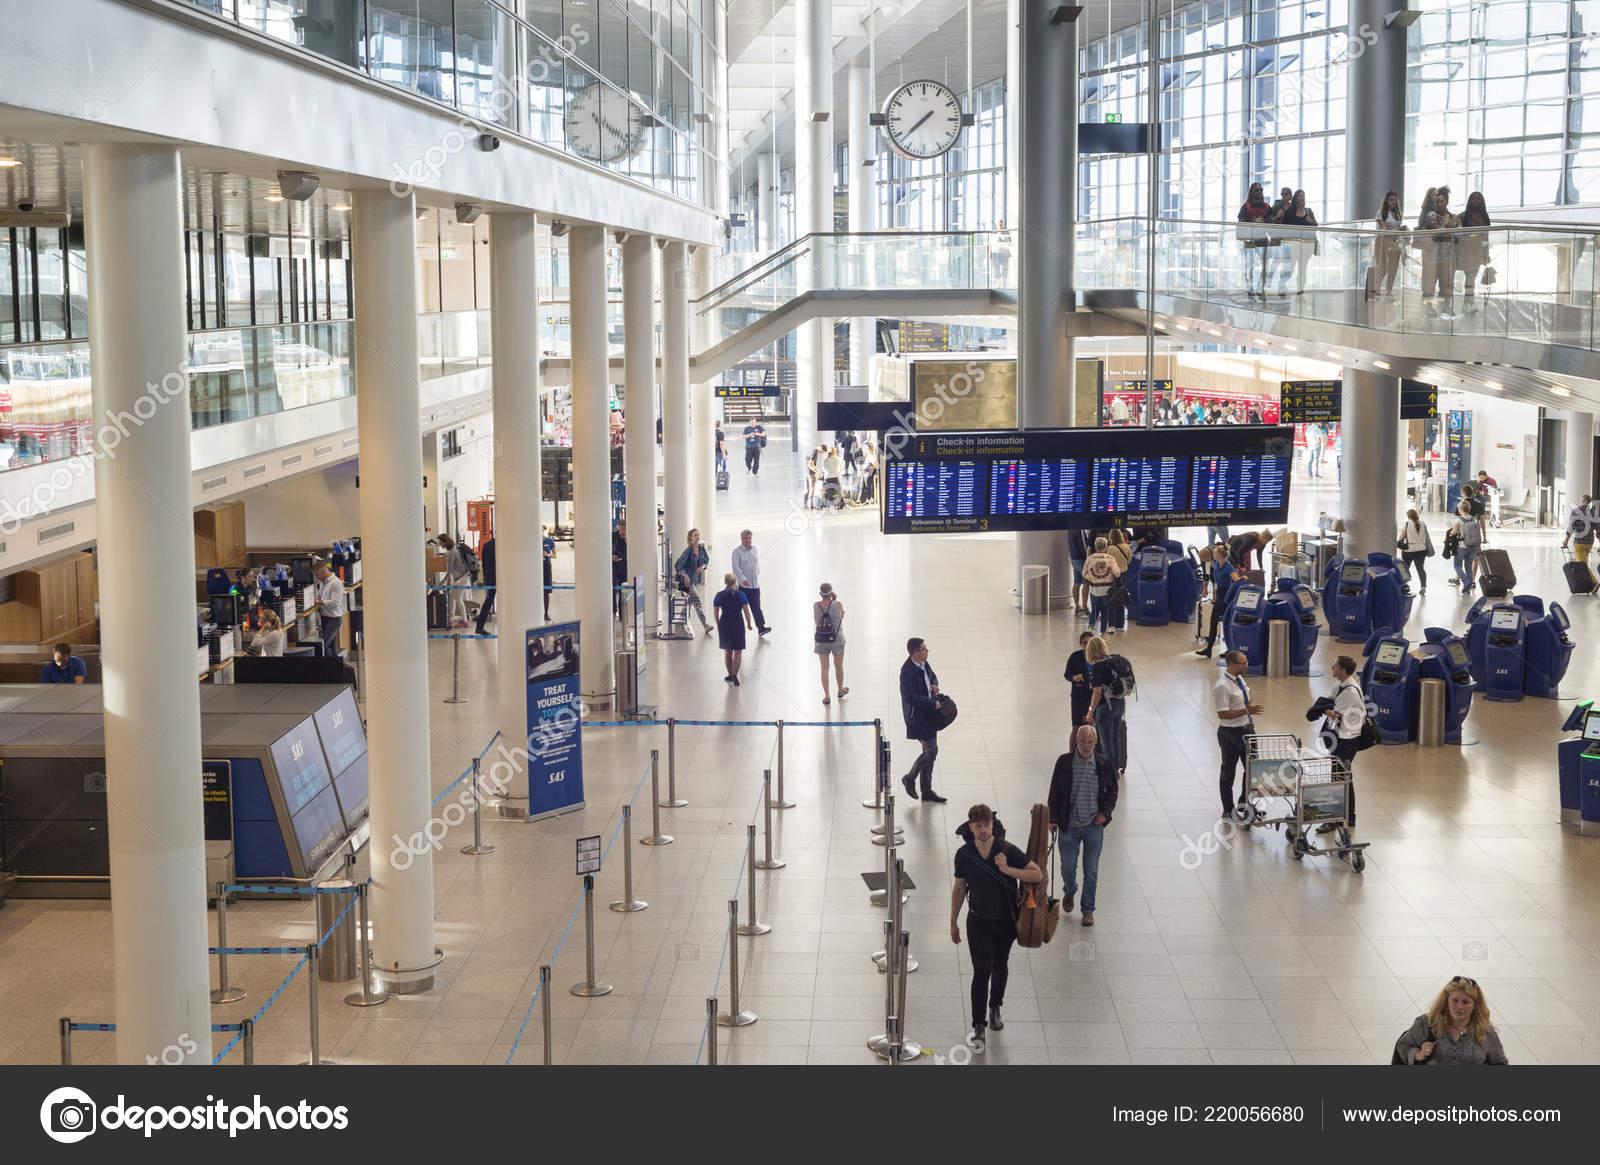 Lufthavn shop kastrup Bus Esbjerg